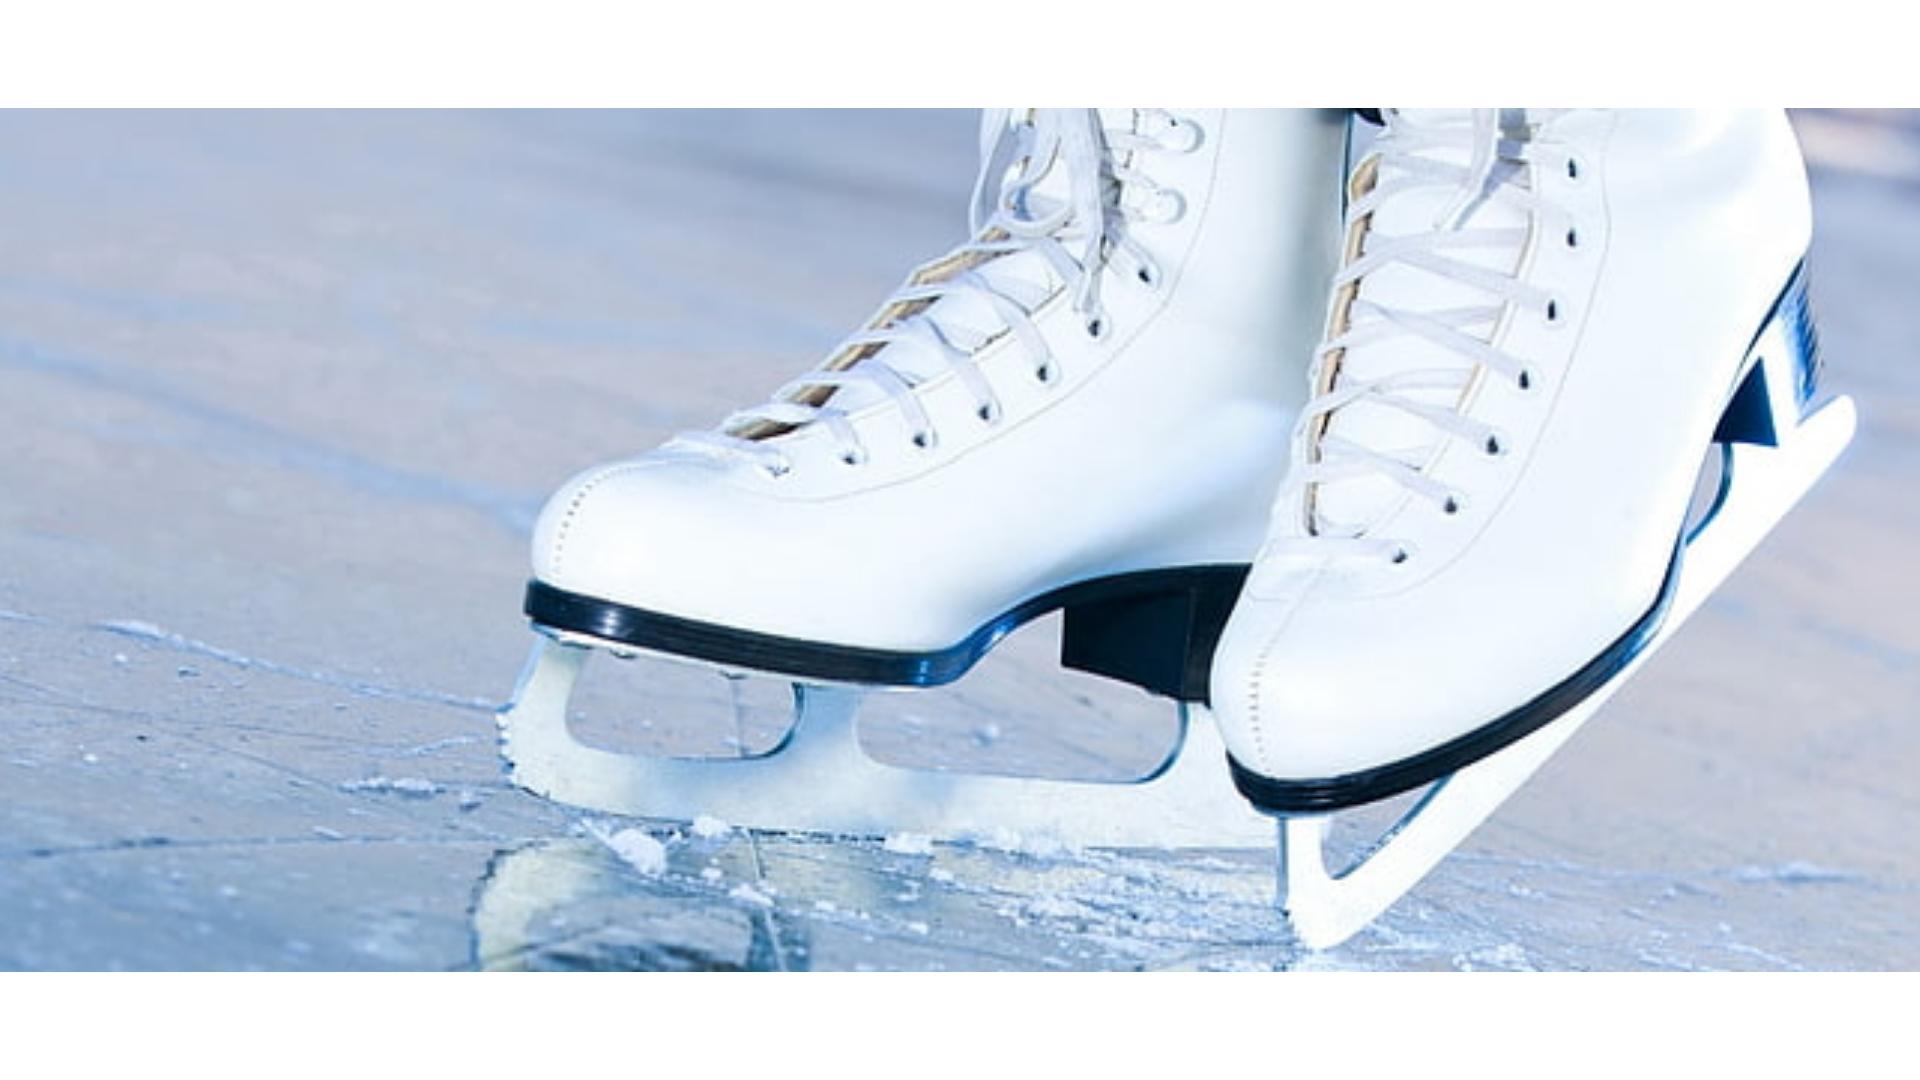 Buz pateni yaparken kullanılan ayakkabılara ait bir görsel.